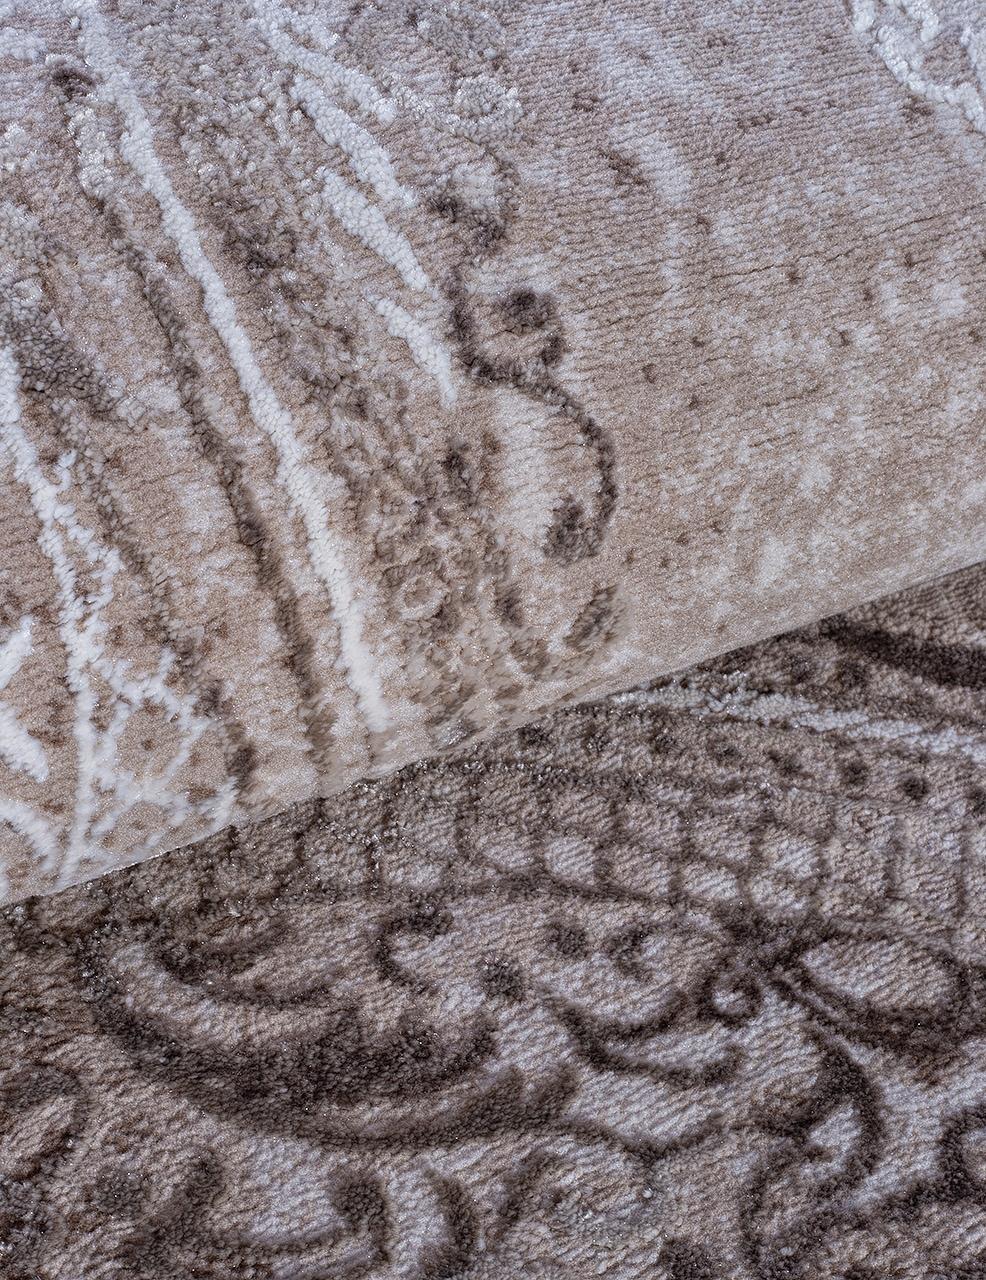 Ковер 03707A - BROWN / BROWN - Прямоугольник - коллекция ARMINA - фото 4